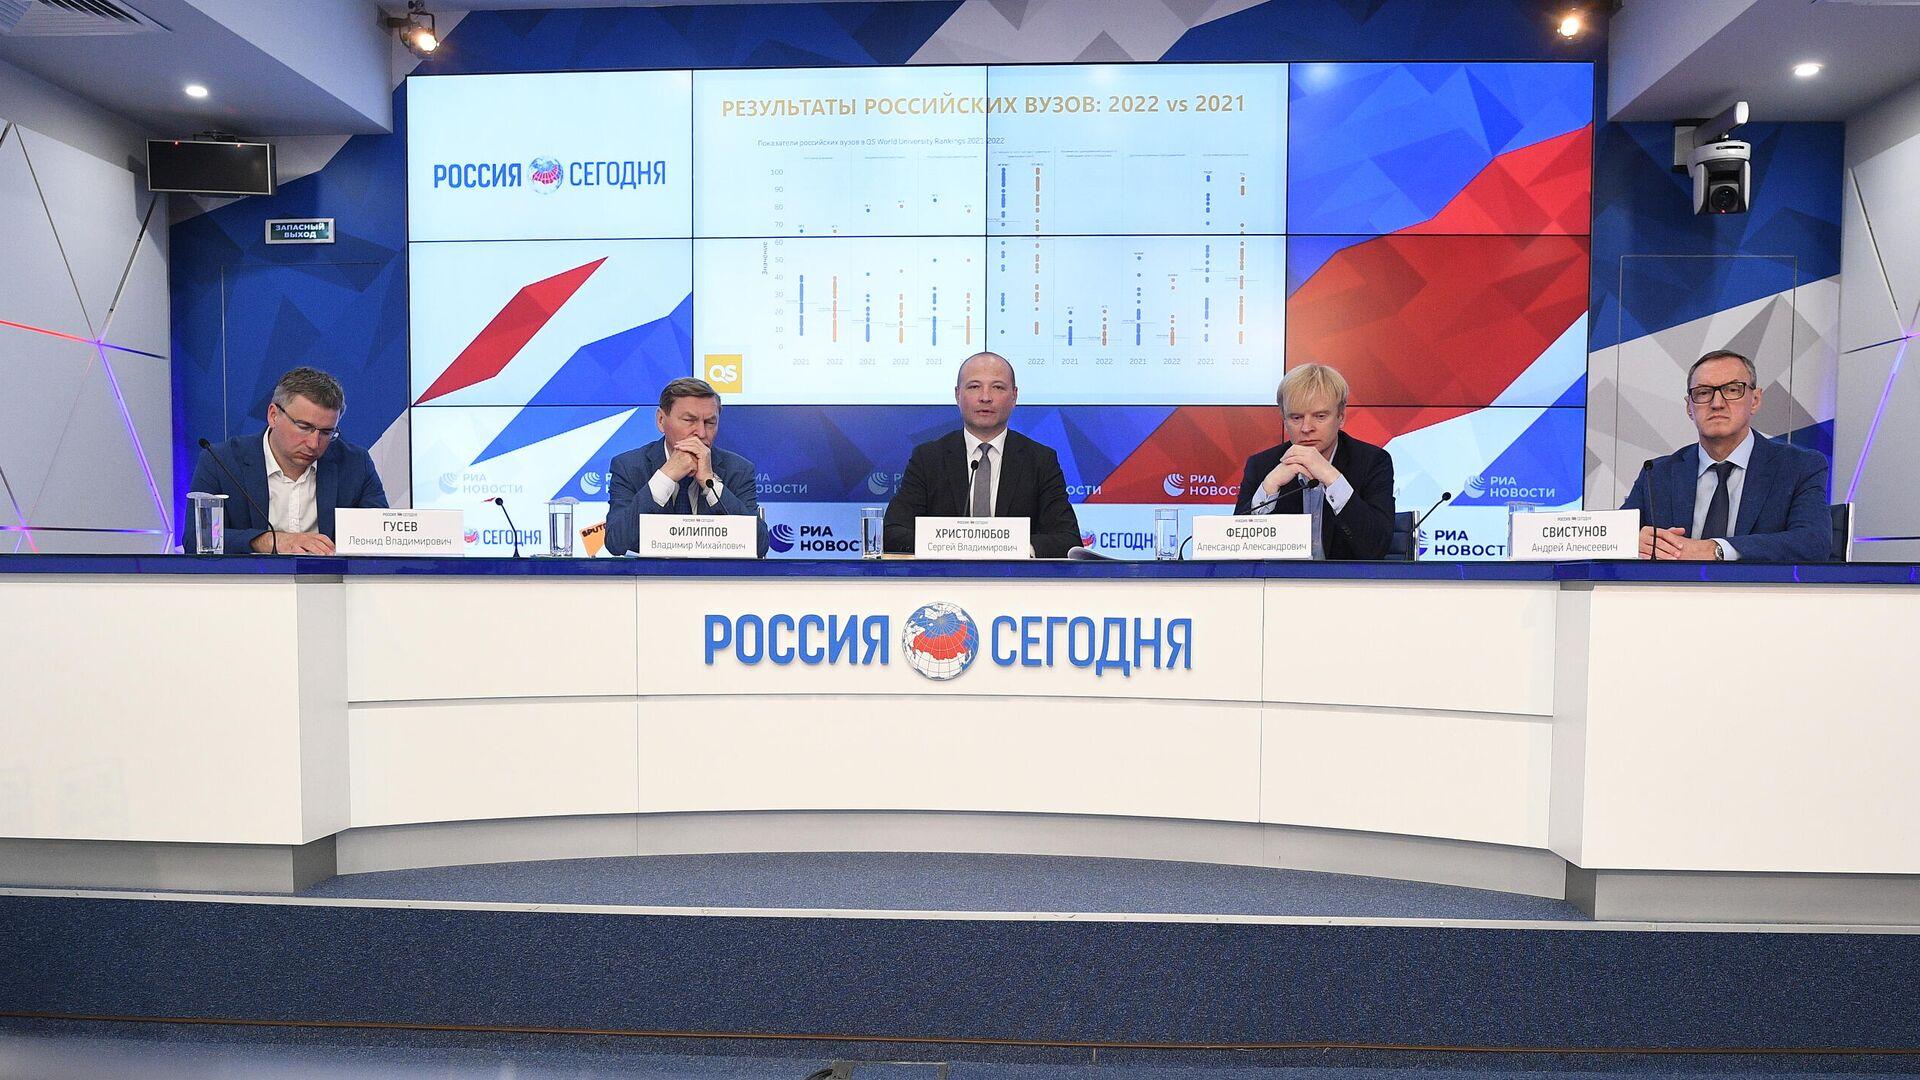 Участники видеомоста, посвященного официальной презентации русскоязычной версии мирового рейтинга QS World University Rankings 2021/2022 - РИА Новости, 1920, 09.06.2021